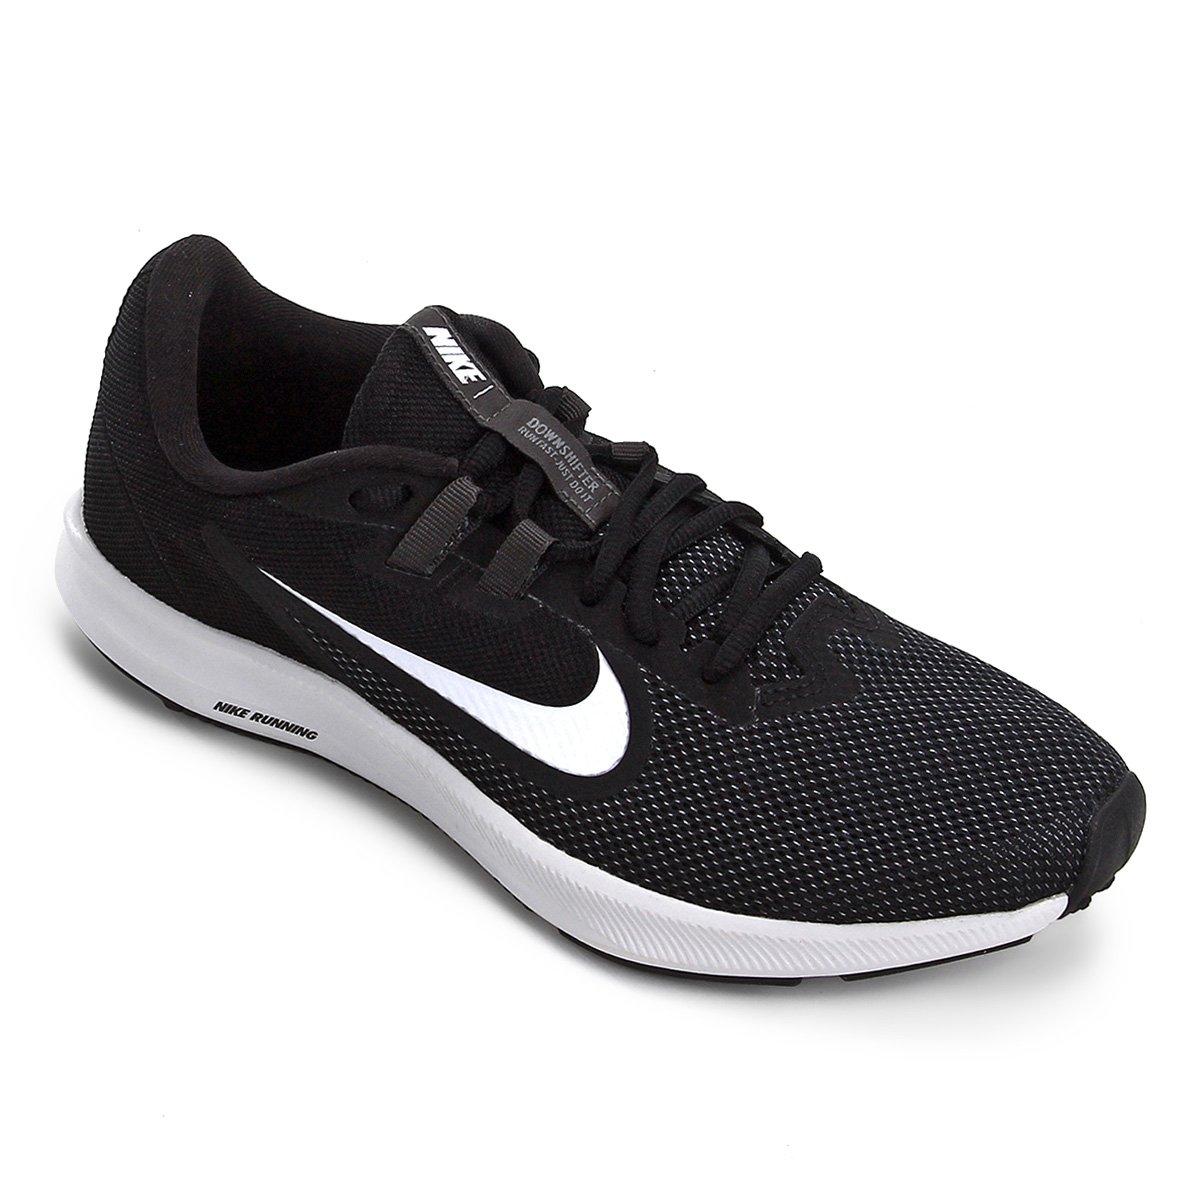 8d71d7b354 Tênis Nike Downshifter 9 Feminino - Preto e Branco | Netshoes